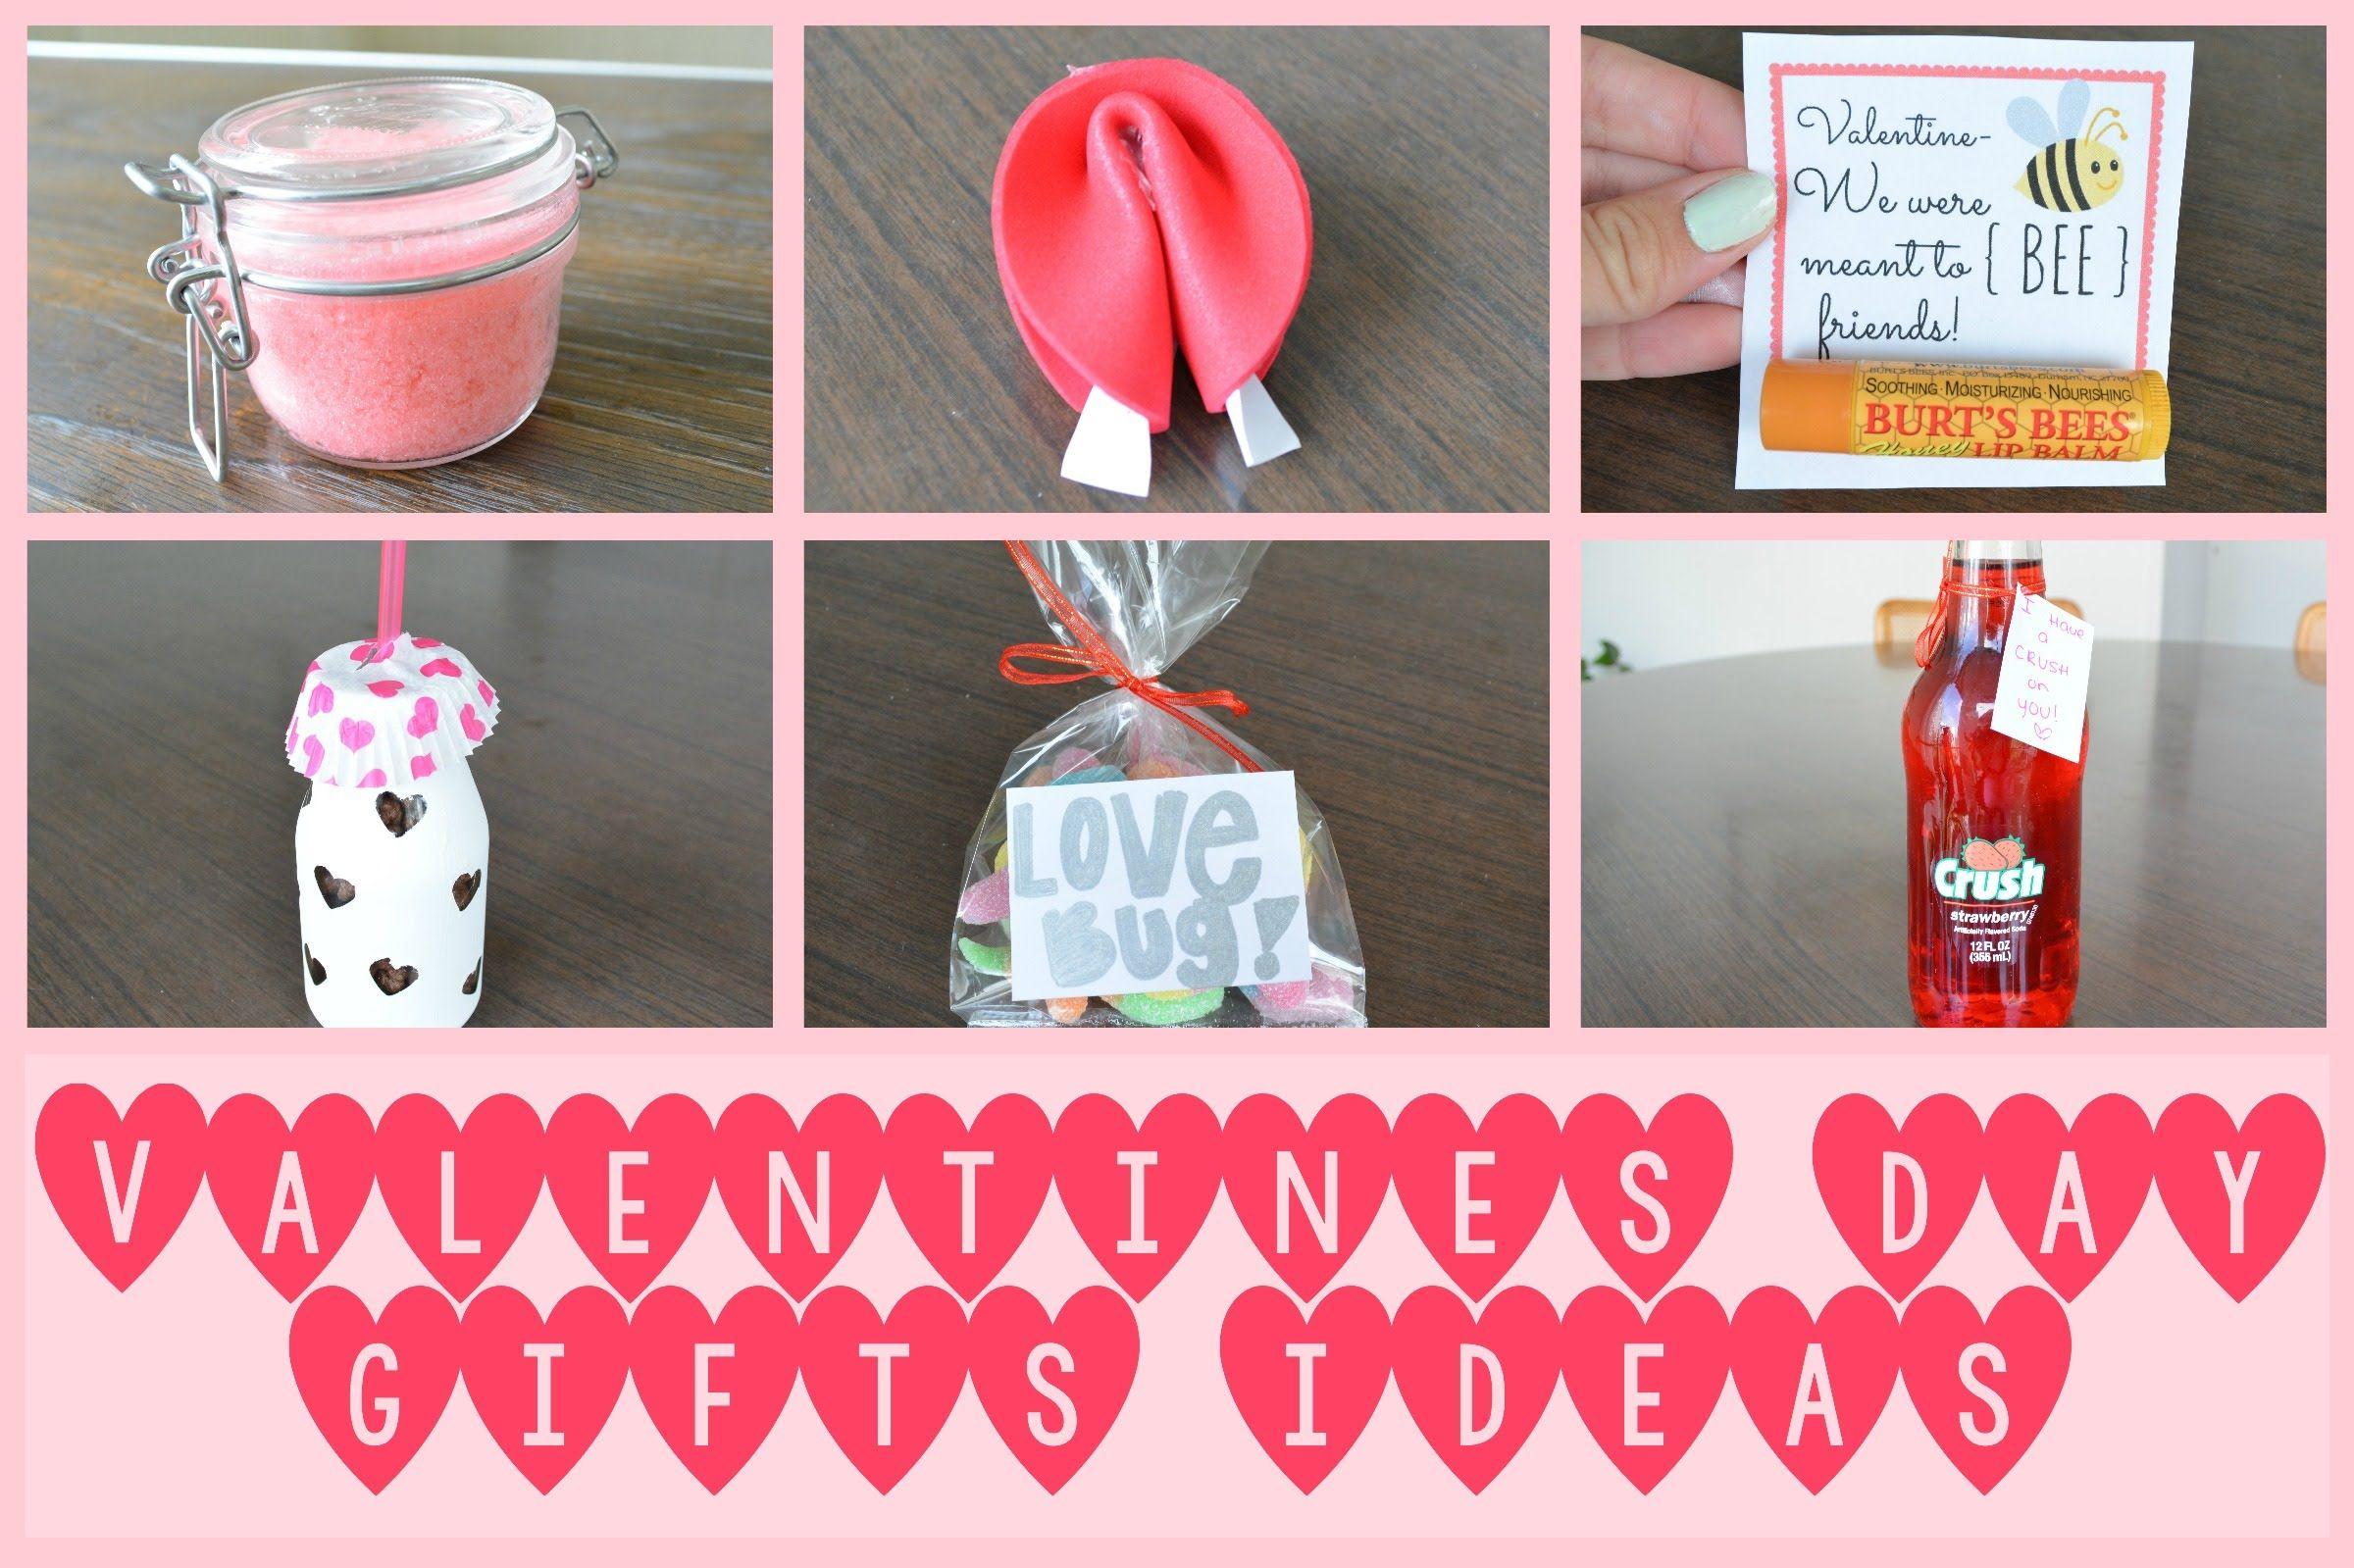 Valentine's Day Pinterest Gift Ideas #DIY #Craft #Valentiensday ...